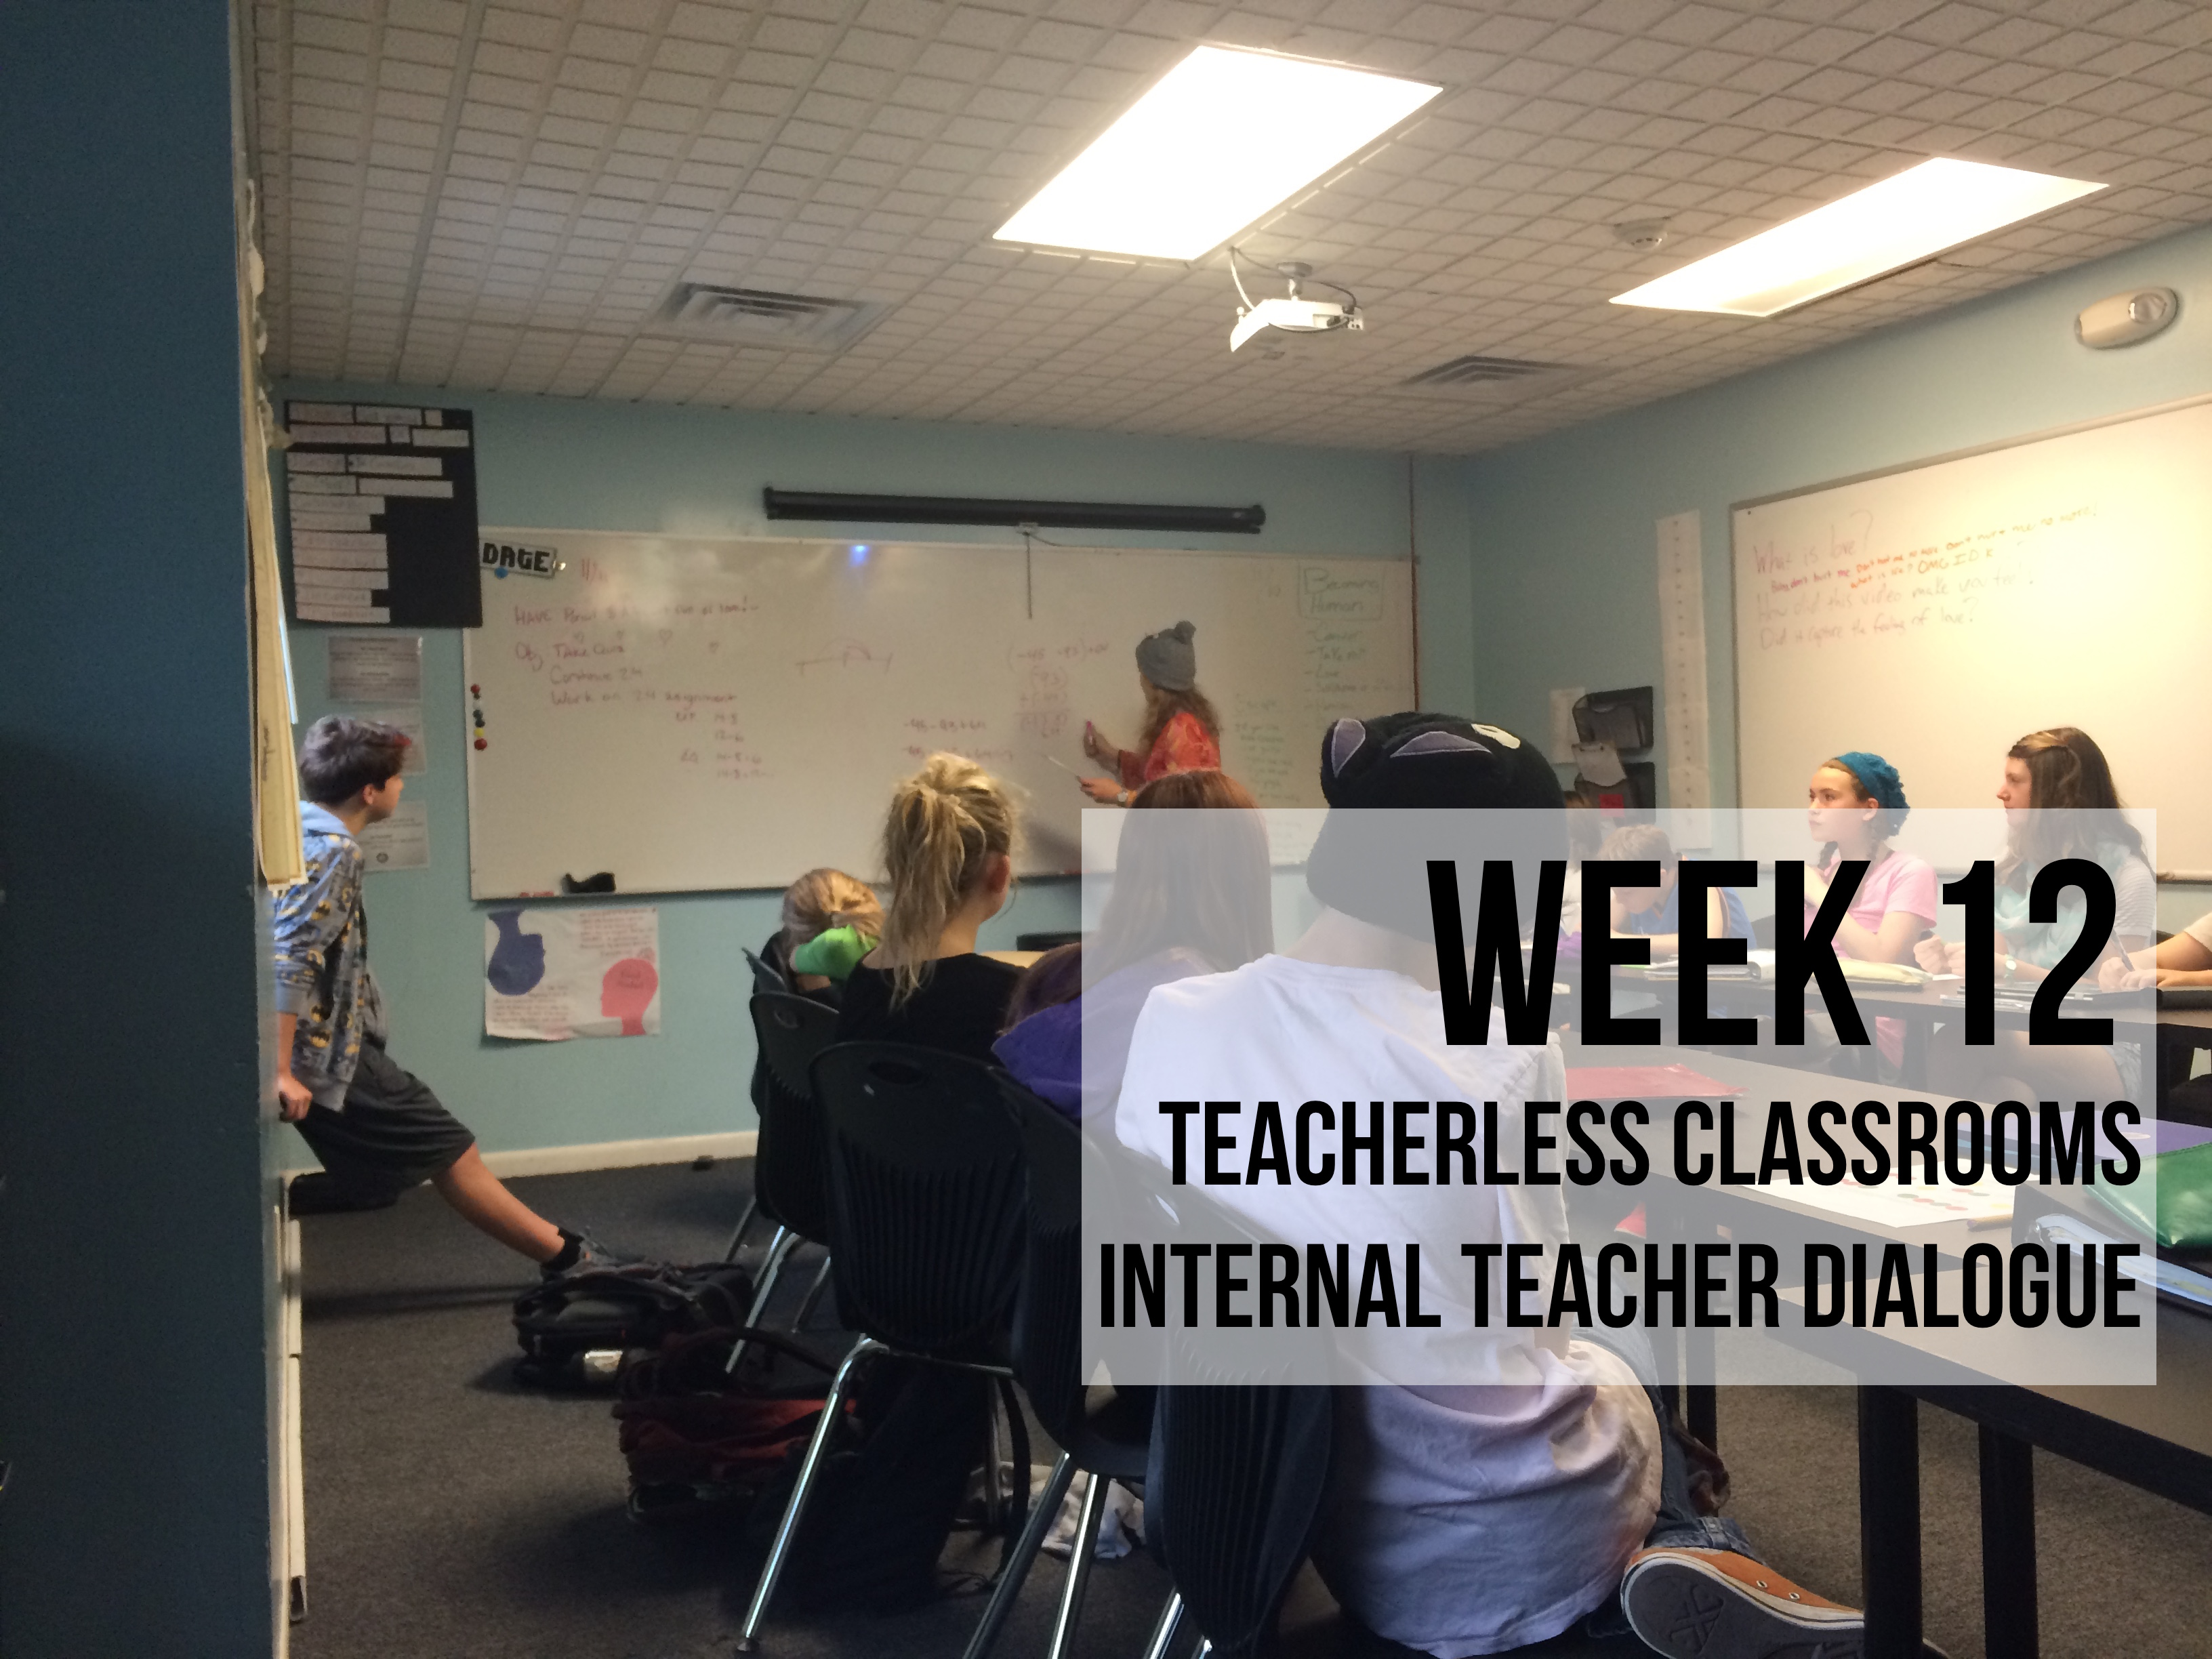 Week 12 – Teacherless Classrooms & Internal Teacher Dialogue